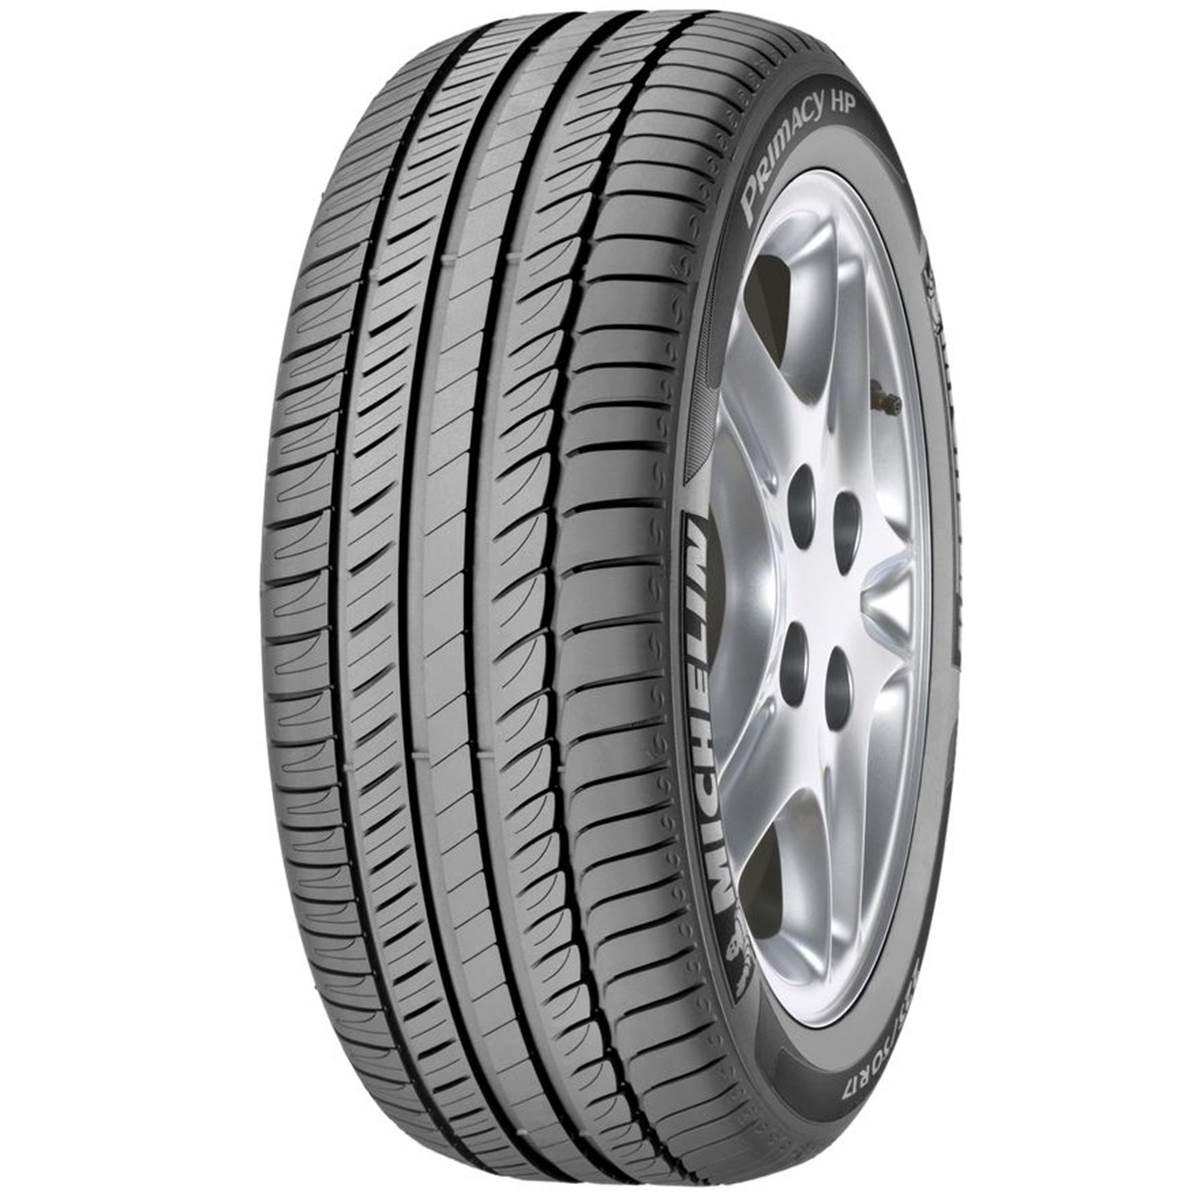 Michelin Primacy HP pneu